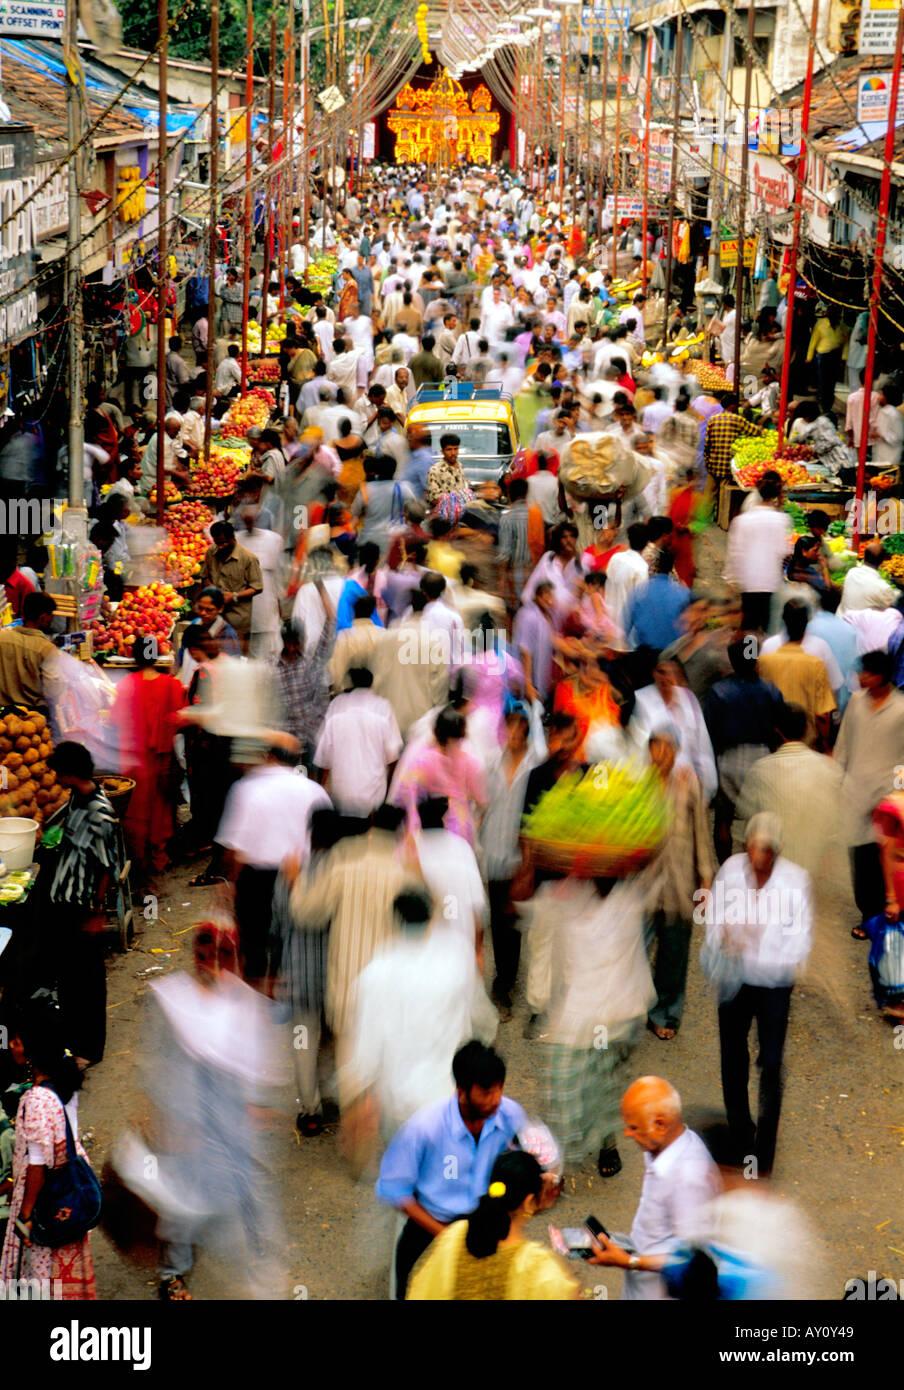 L'inimmaginabile buzz di dadar west street market mumbai seething con la folla di acquirenti e venditori. india Immagini Stock